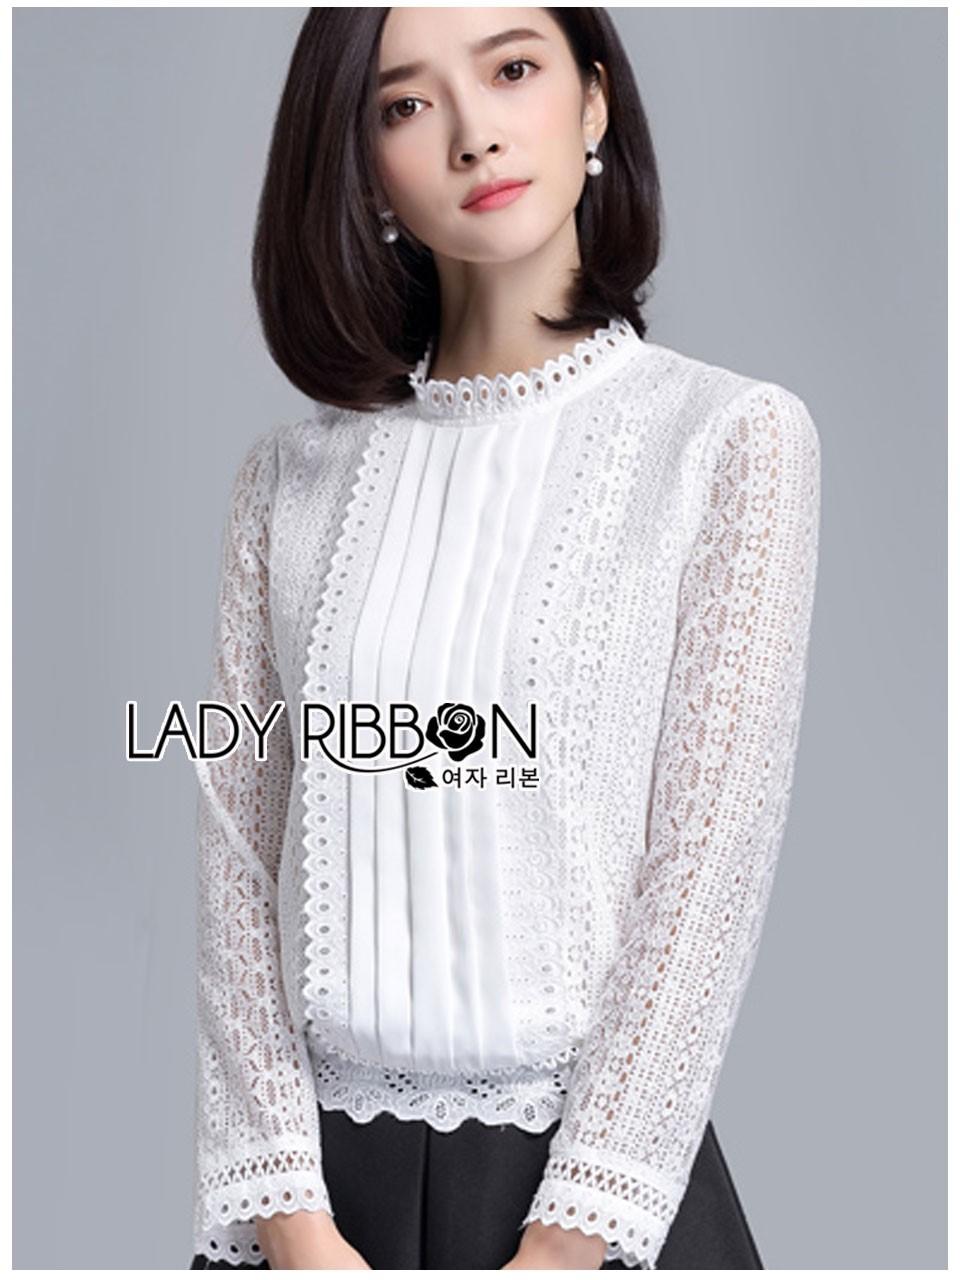 เสื้อผ้าเกาหลีพร้อมส่ง เสื้อผ้าลูกไม้สีขาวสไตล์เบสิกตกแต่งผ้าแถบ